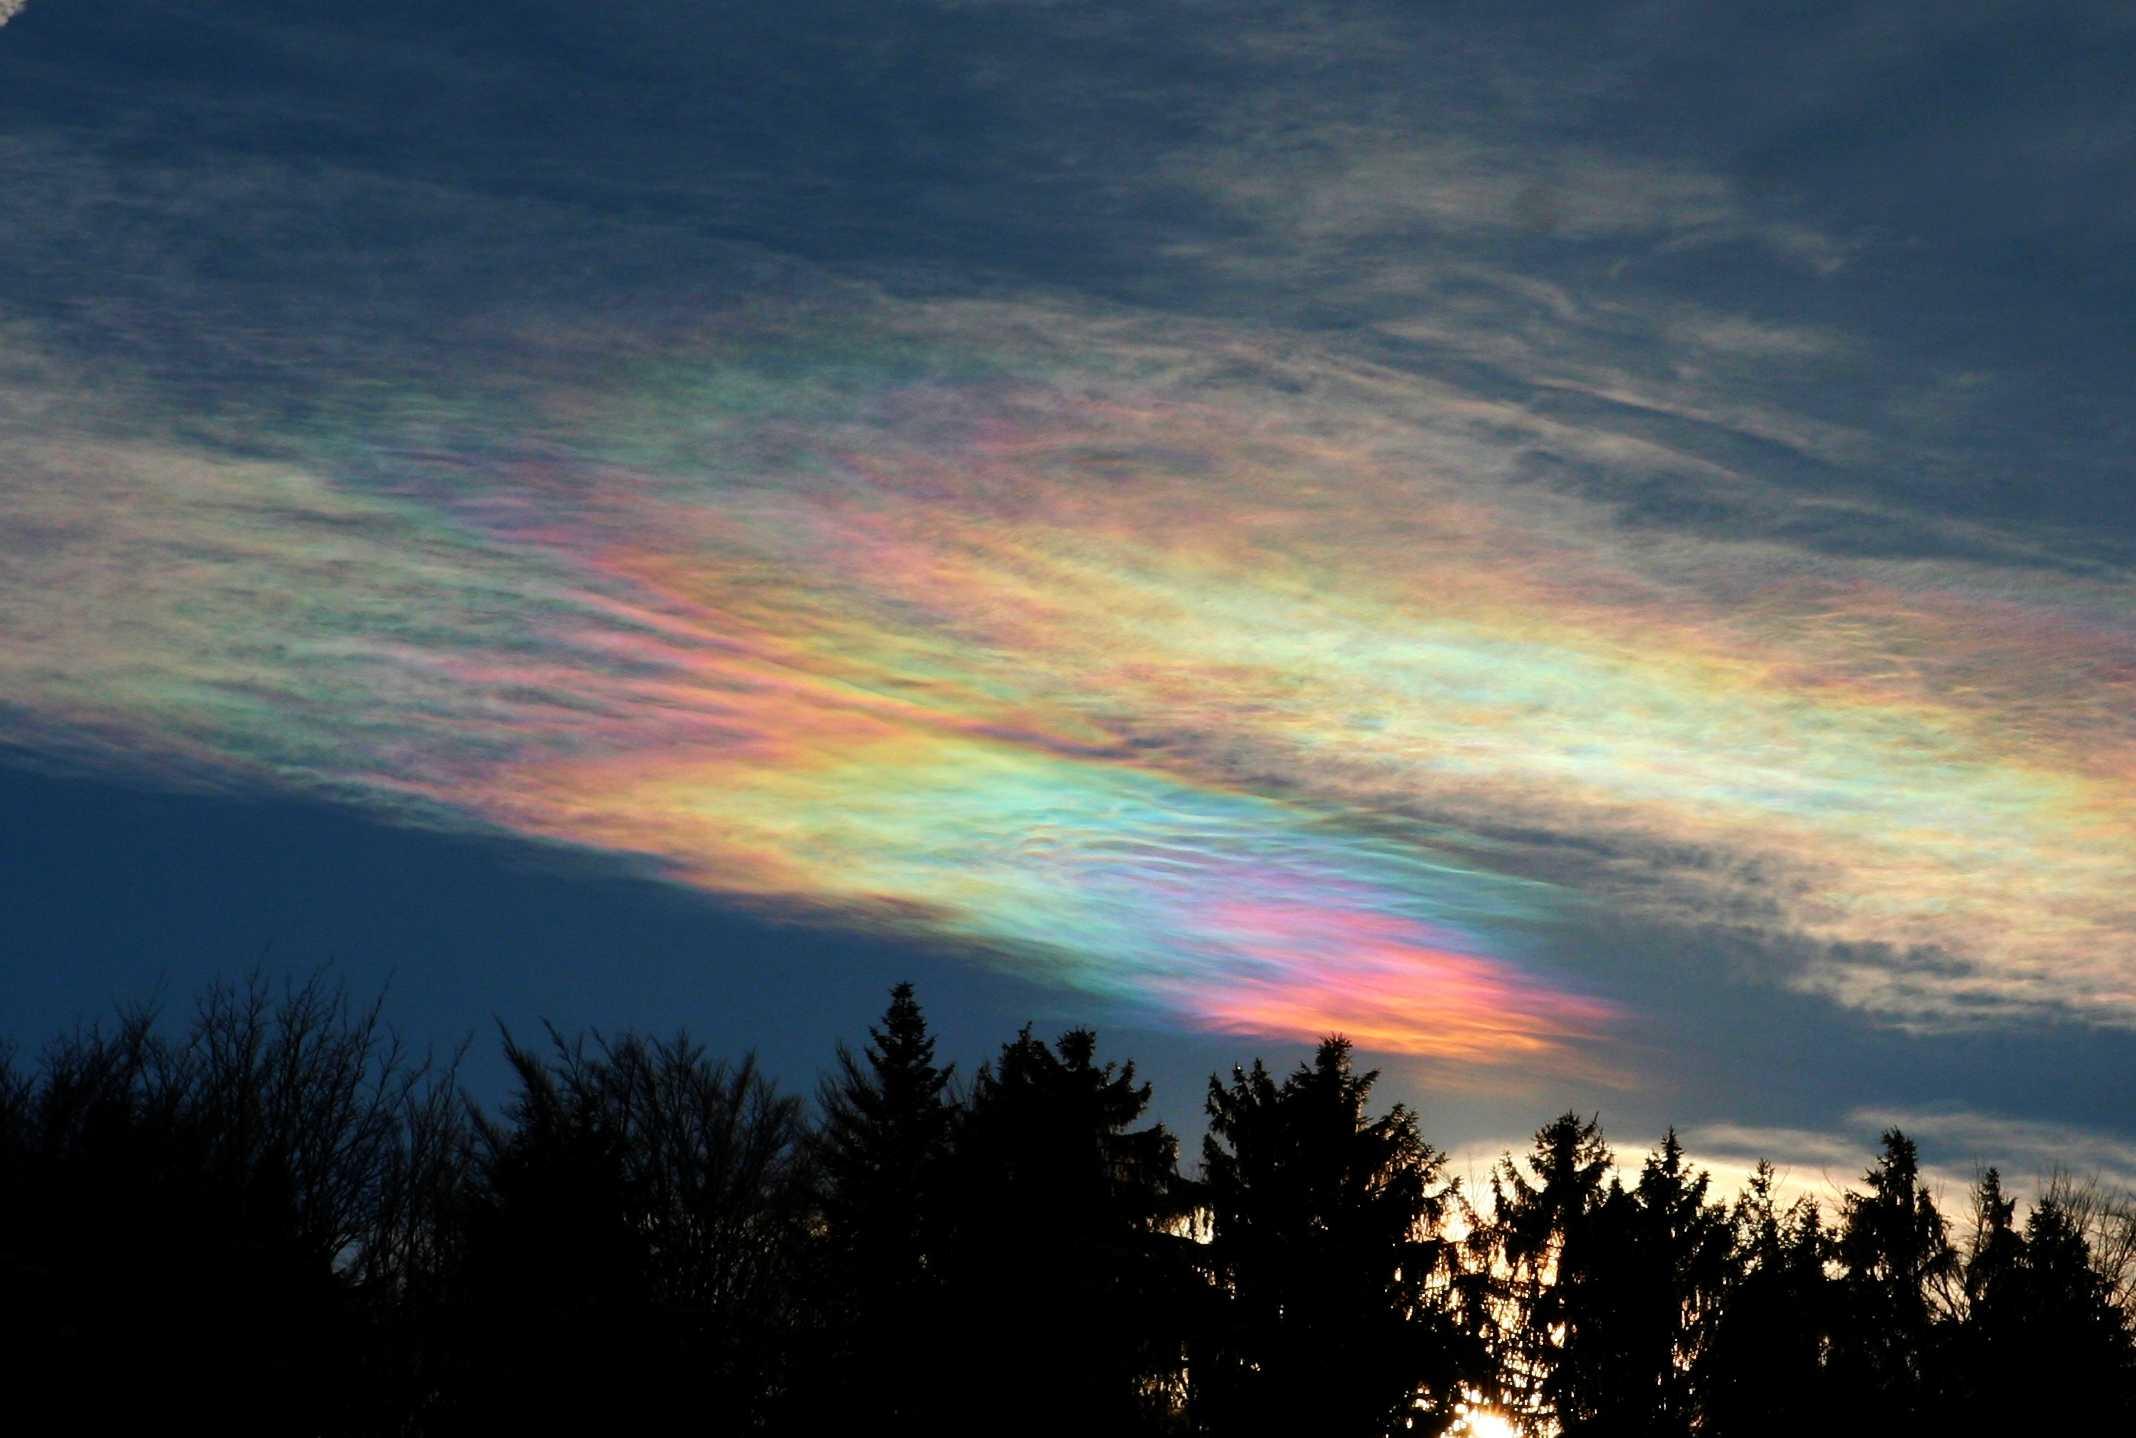 Nuvem cor de algodão-doce paira sobre uma paisagem em meio a uma tempestade